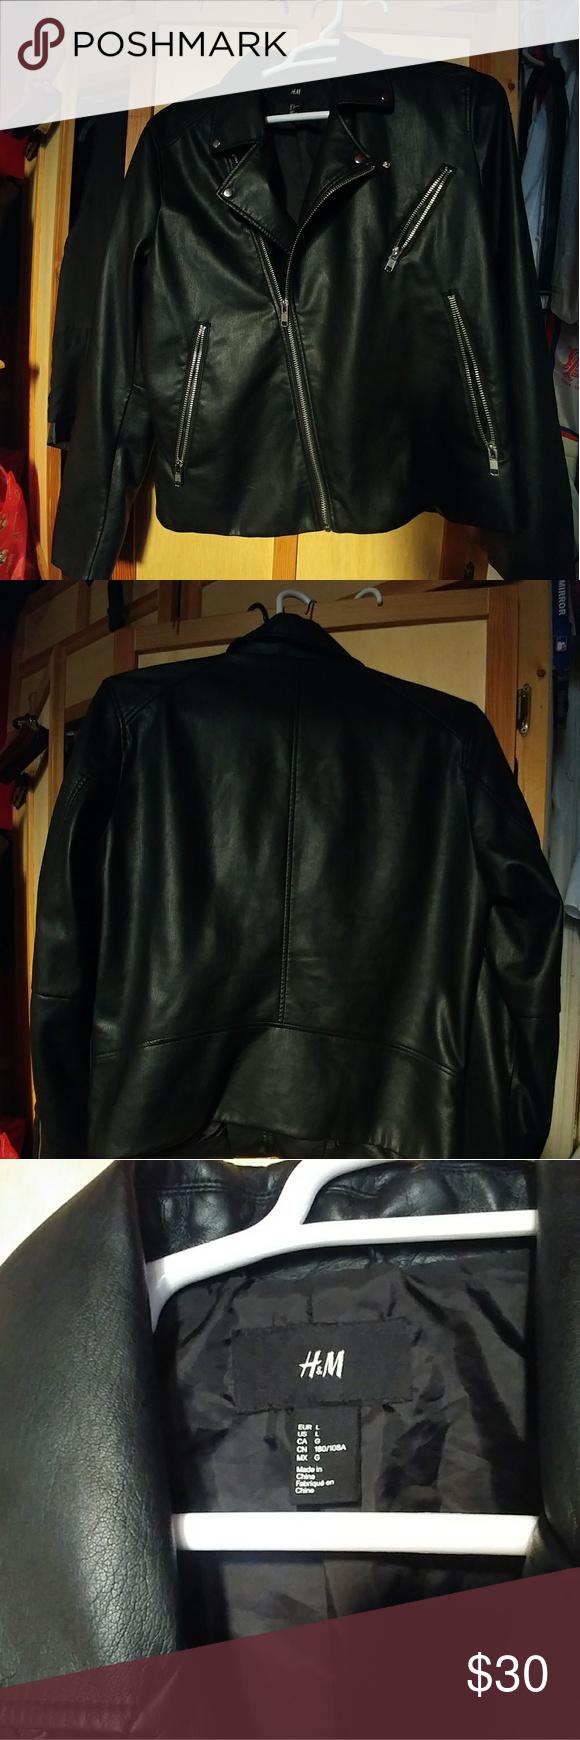 H&M Biker Jacket H&M mens biker jacket. Worn only once